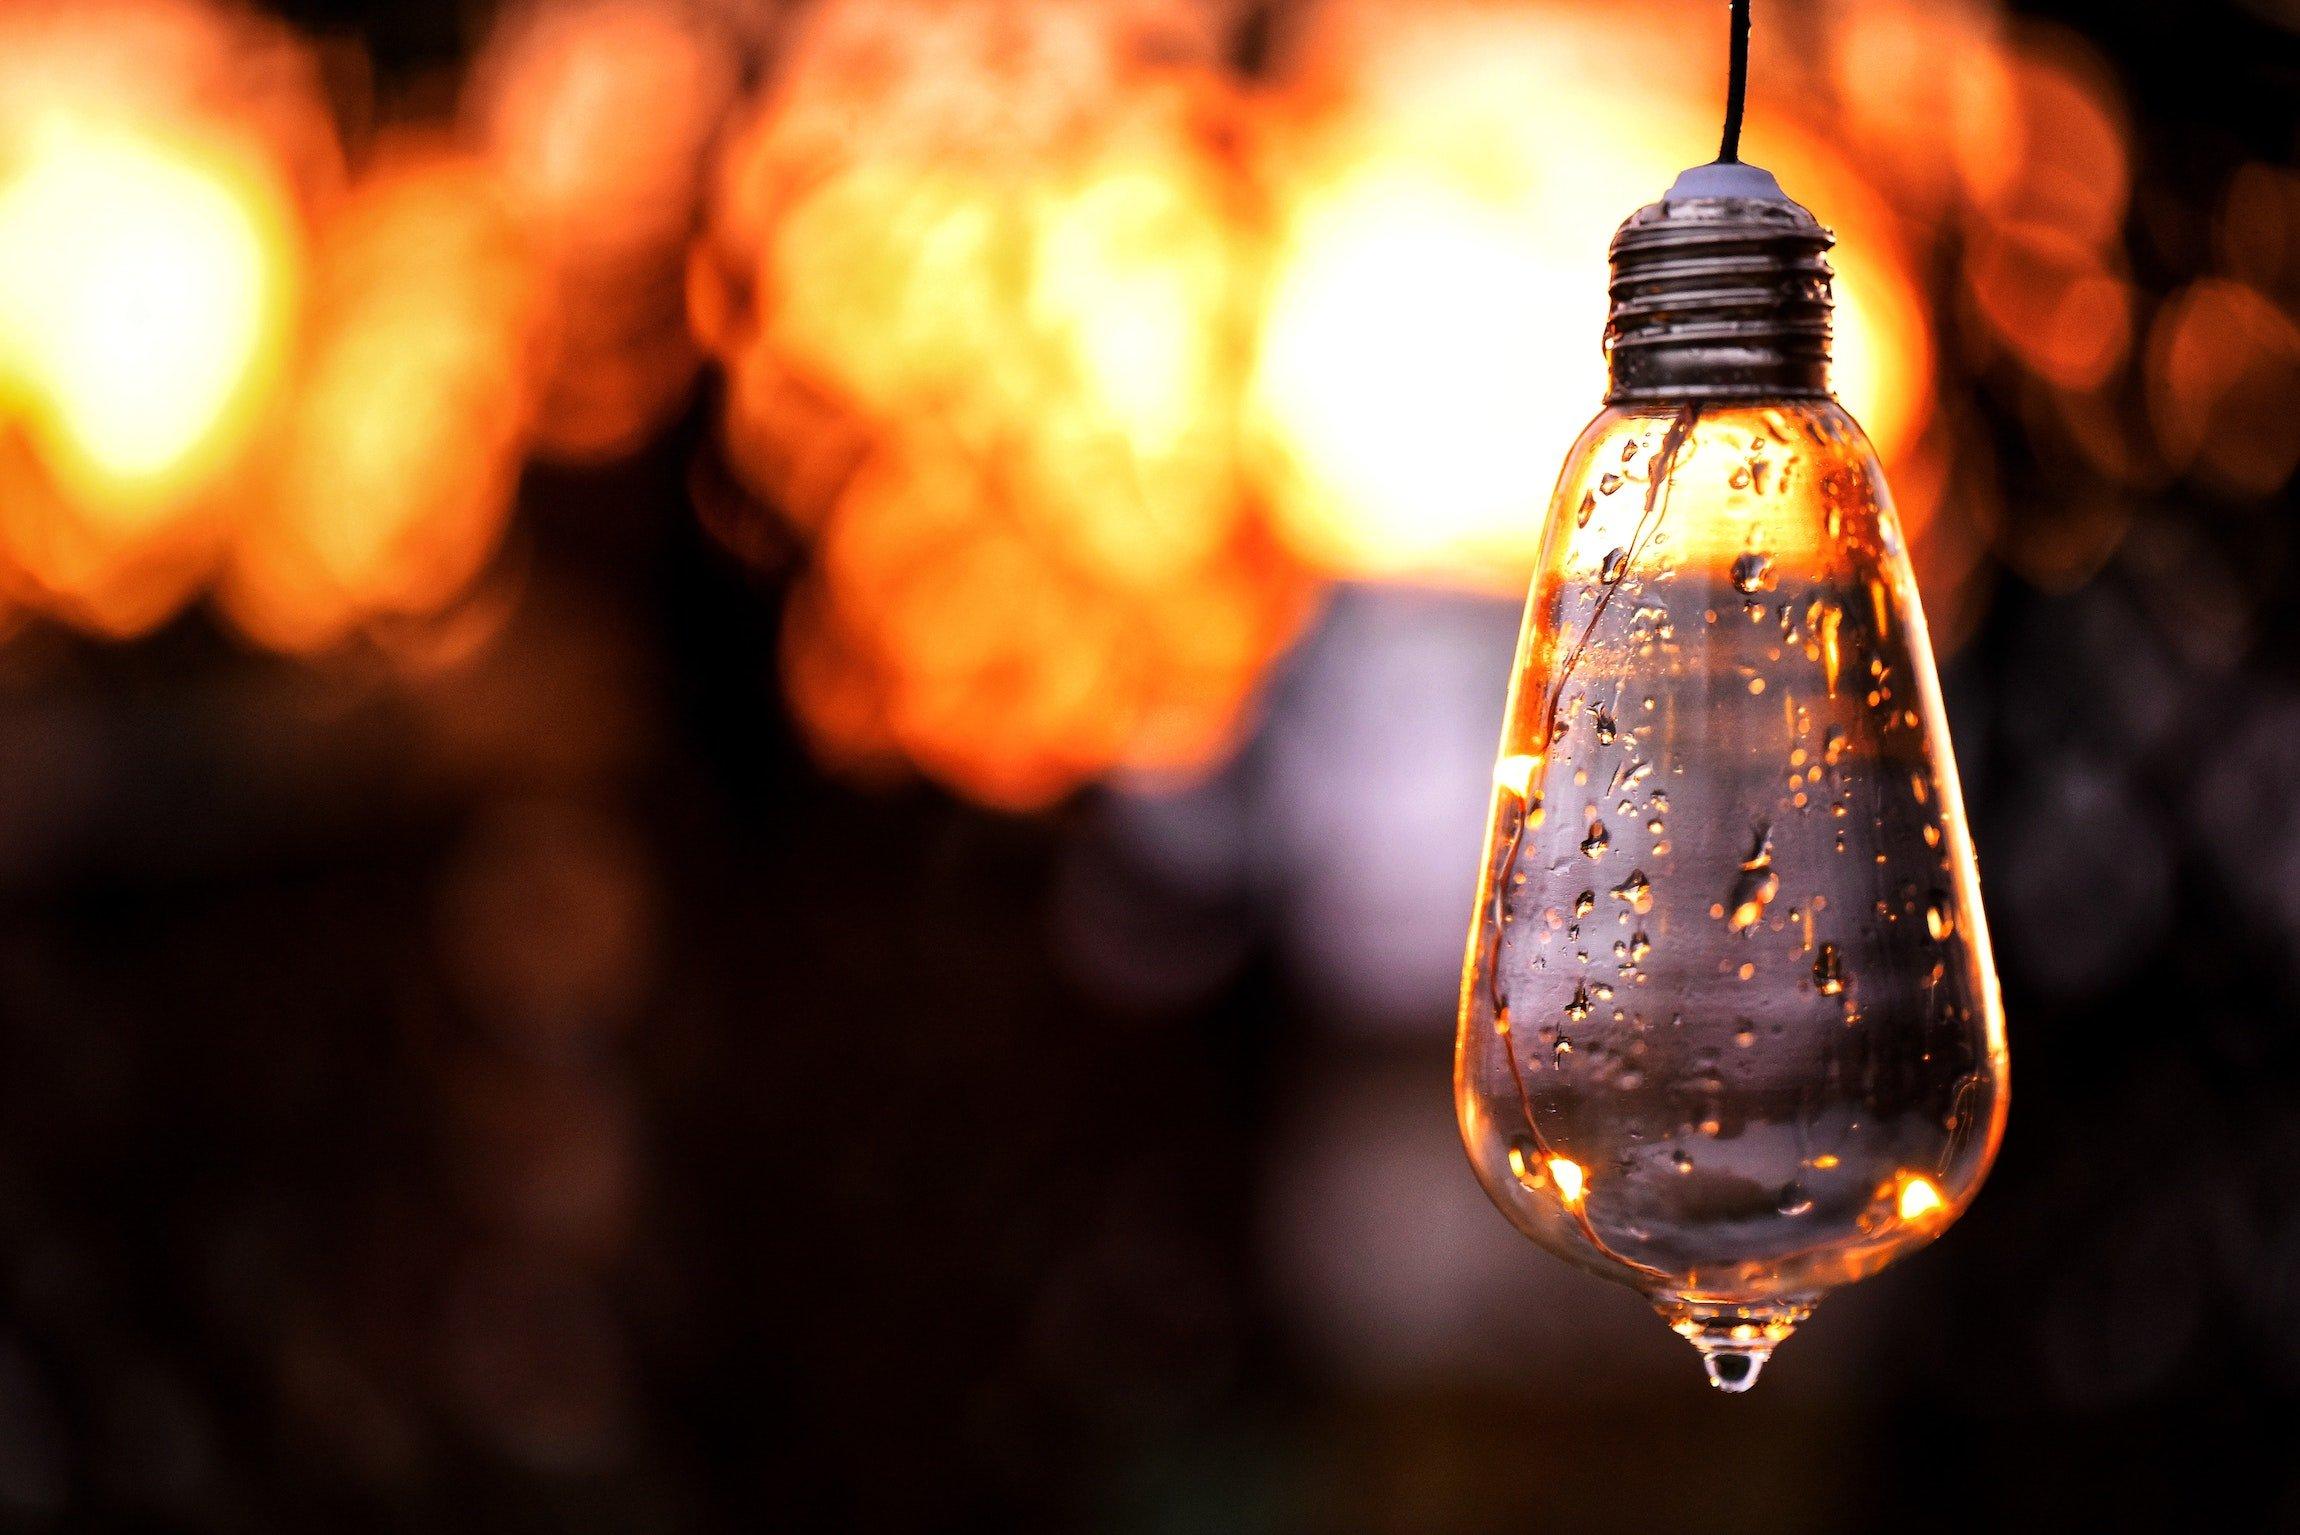 culture of improvement idea generation